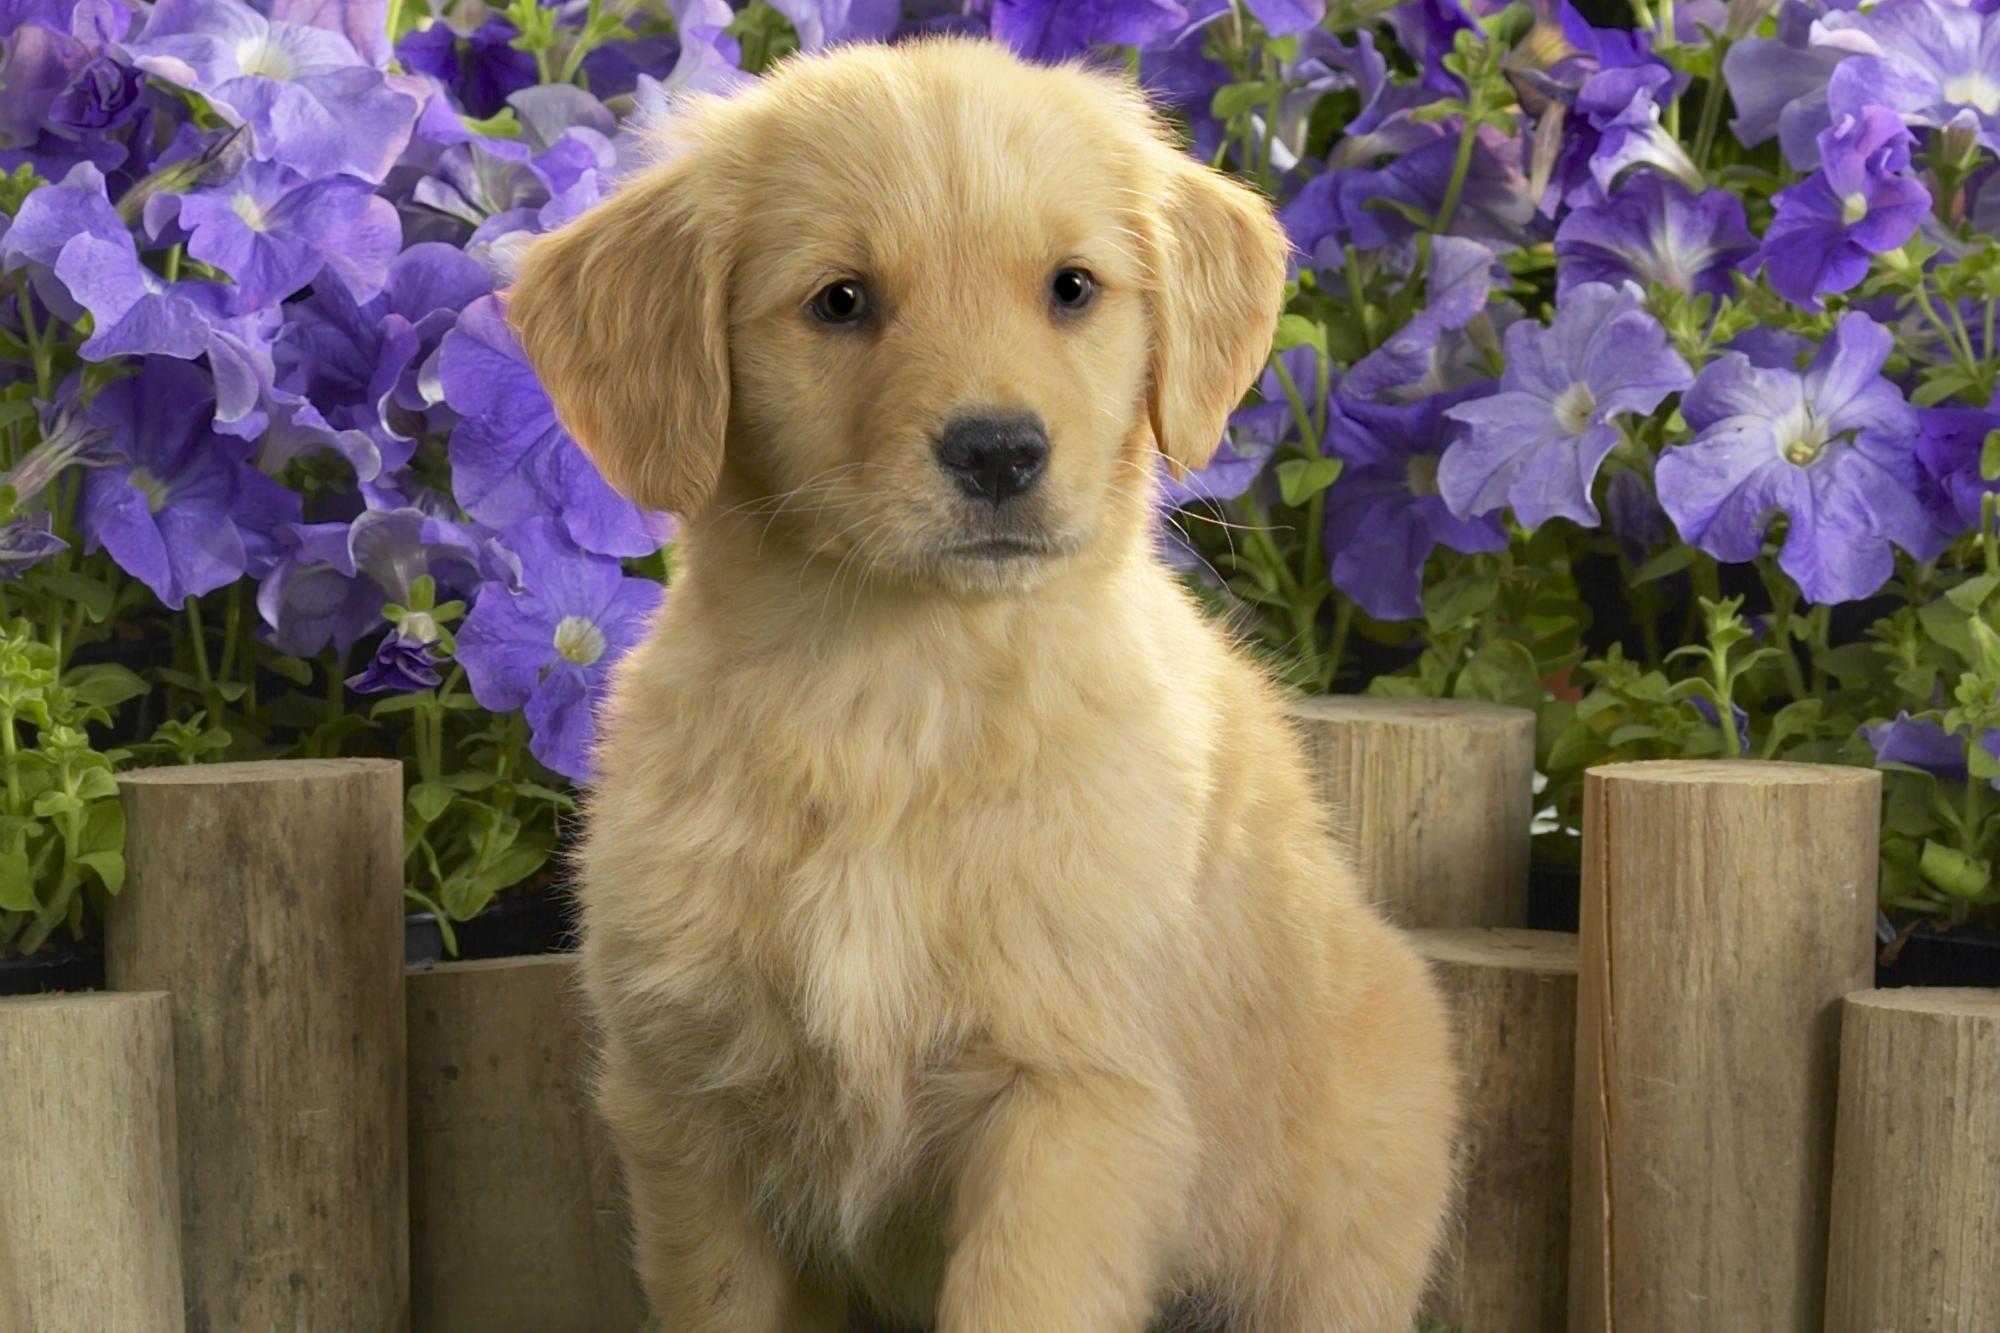 Adorable Puppies Golden Retriever Dogs Golden Retriever